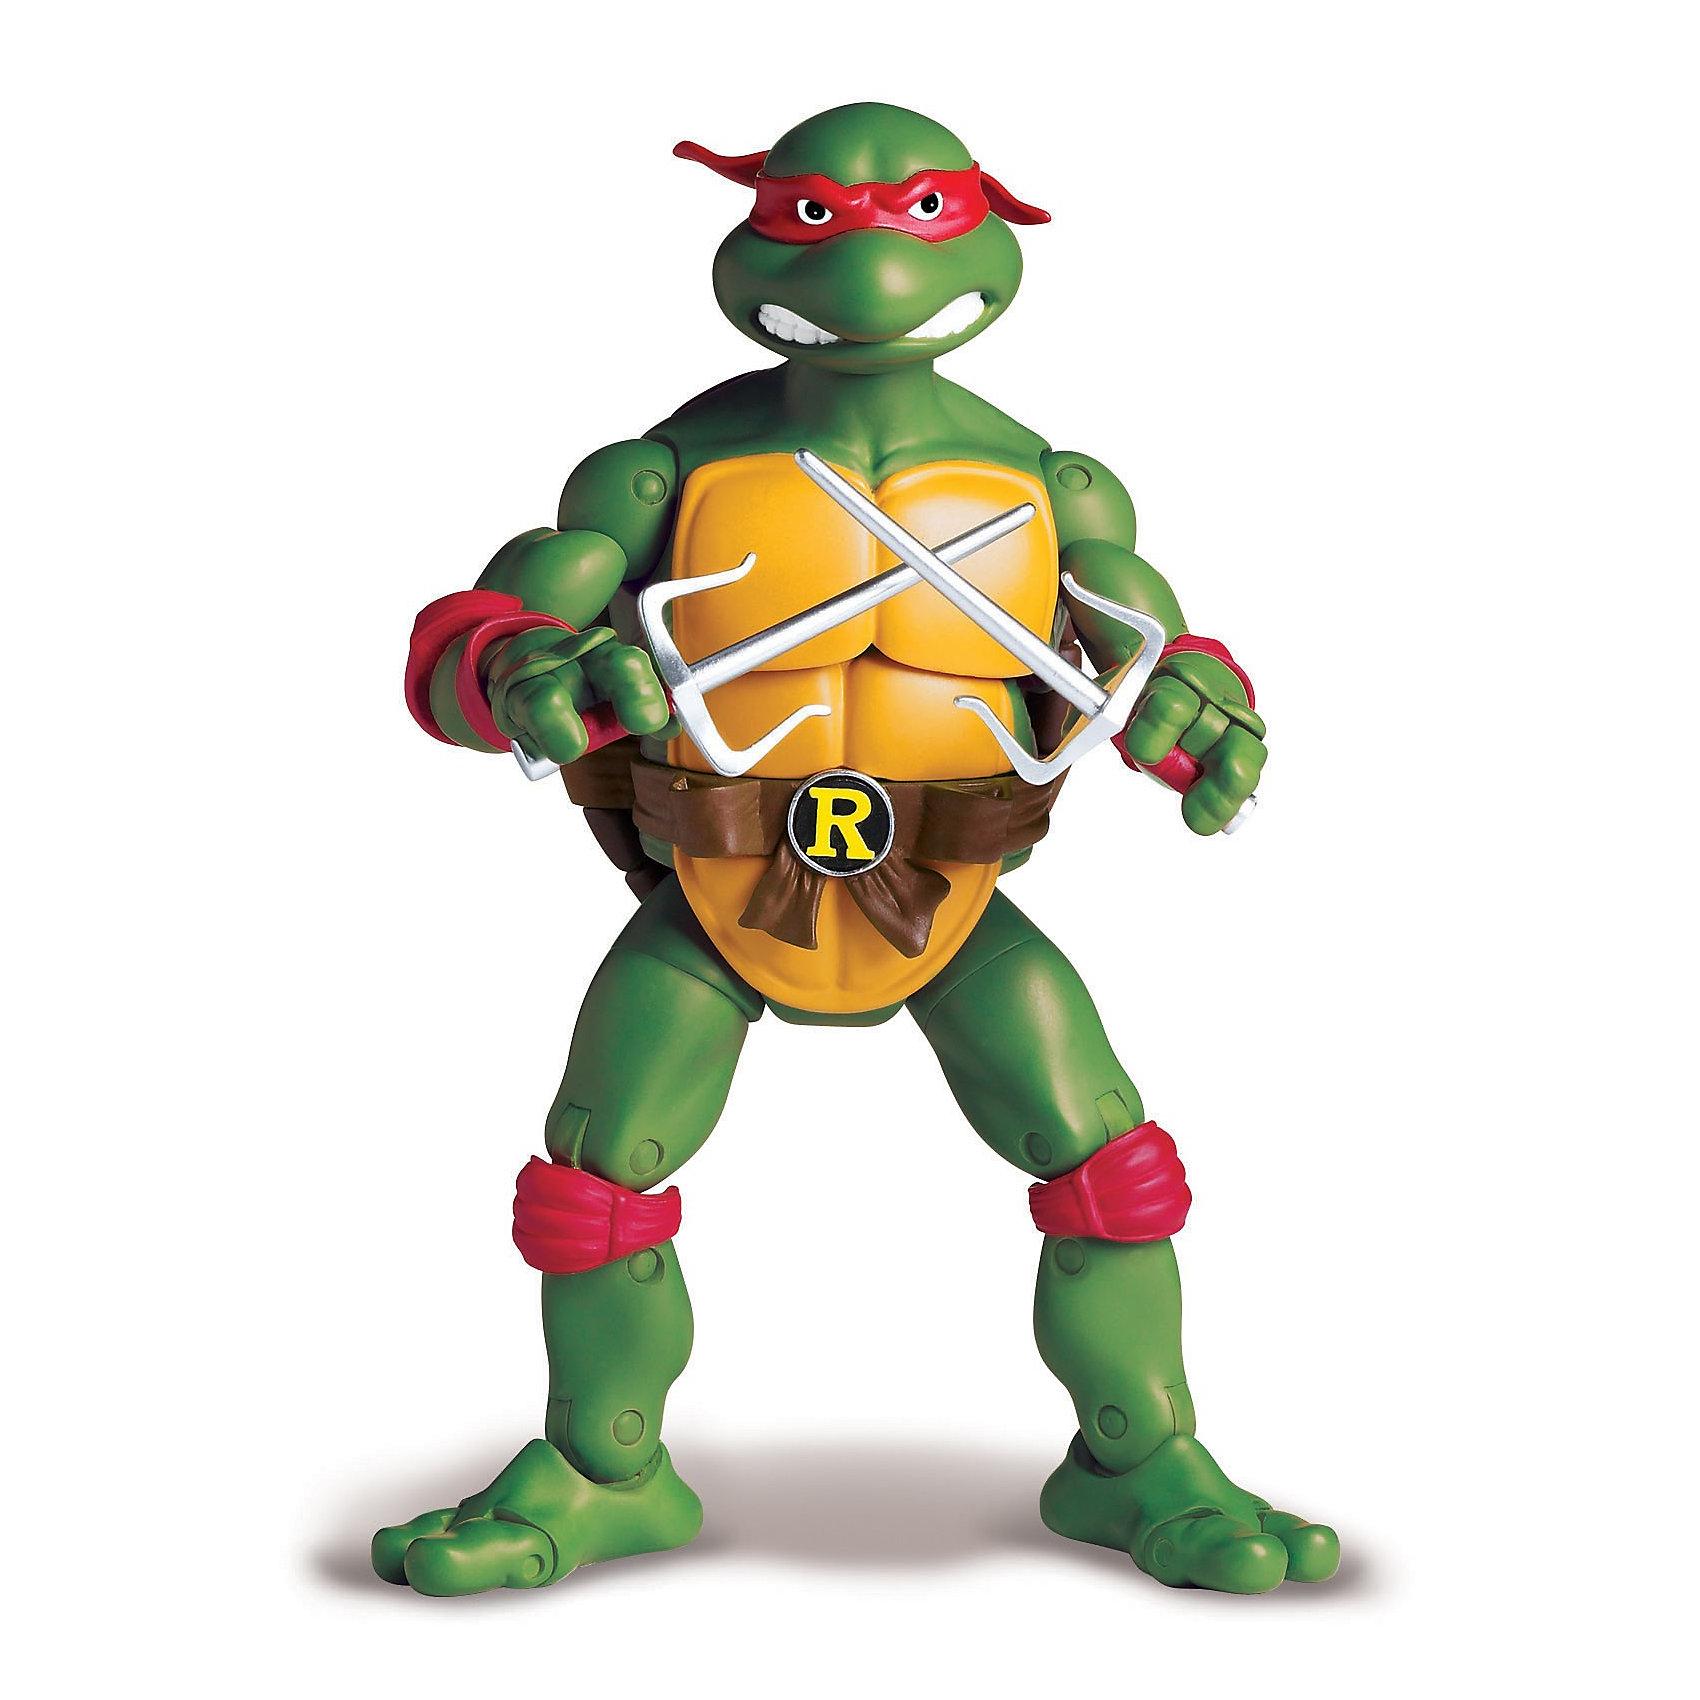 Фигурка Рафаэль,15 см, Черепашки НиндзяФигурки героев<br>Фигурка «Черепашки – ниндзя» Рафаэль из классической серии выполнена на основе макетов мультсериала 1987 года.<br>«Черепашка – ниндзя» Рафаэль – в ранних комиксах изображался как активный и подозрительный ниндзя, ревнующий к лидерству Леонардо, что в некотором смысле осталось и в мультфильмах 2003 и 2007 годов.<br>В мультсериалах и последующих работах характер Рафаэля изменился.<br>Авторы придали ему наклонности философа и своеобразное чувство юмора, которое он проявляет, комментируя происходящее в парадоксальной манере.<br>Игрушка уникальна, так как  ниндзя Рафаэль 100%  реалистичен.<br>Игрушка-фигурка «Черепашки - ниндзя» Рафаэль развивает воображение,  мелкую моторику, формирует навыки ролевой игры, умение воспроизводить запомнившиеся события мультфильма.<br>Одновременно развивается внутренняя речь.  Ребенок будет играть, подражая действиям отважного героя сериала.<br><br>Игра будет способствовать развитию таких личностных качеств, как:<br>- смелость<br>- доброта<br>- умение дружить и общаться<br><br>Фигурка «Черепашки – ниндзя» Рафаэль полностью подвижна (37 подвижных деталей), что позволяет при игре фиксировать нужное положение фигурки. Именно этого ждет ваш ребенок, когда берет в руки любимого реалистичного героя.<br><br>Дополнительная информация:<br><br>- В комплекте: фигурка  Черепашки-ниндзя Рафаэль, коллекционный люк, оружие Рафаэля кинжал - Сай.<br>- Размер фигурки 15 см.<br>- Размер упаковки (Ш х В х Г): 19 х 30 х 8 см.<br>- Материал: пластик<br>- Батарейки: не требуются, электронных эффектов нет.<br>- Вес: 0,413 кг.<br><br>Фигурку «Черепашки Ниндзя Рафаэль» (Ninja Turtles) можно купить в нашем интернет-магазине.<br><br>Ширина мм: 190<br>Глубина мм: 70<br>Высота мм: 305<br>Вес г: 413<br>Возраст от месяцев: 48<br>Возраст до месяцев: 132<br>Пол: Мужской<br>Возраст: Детский<br>SKU: 3384057